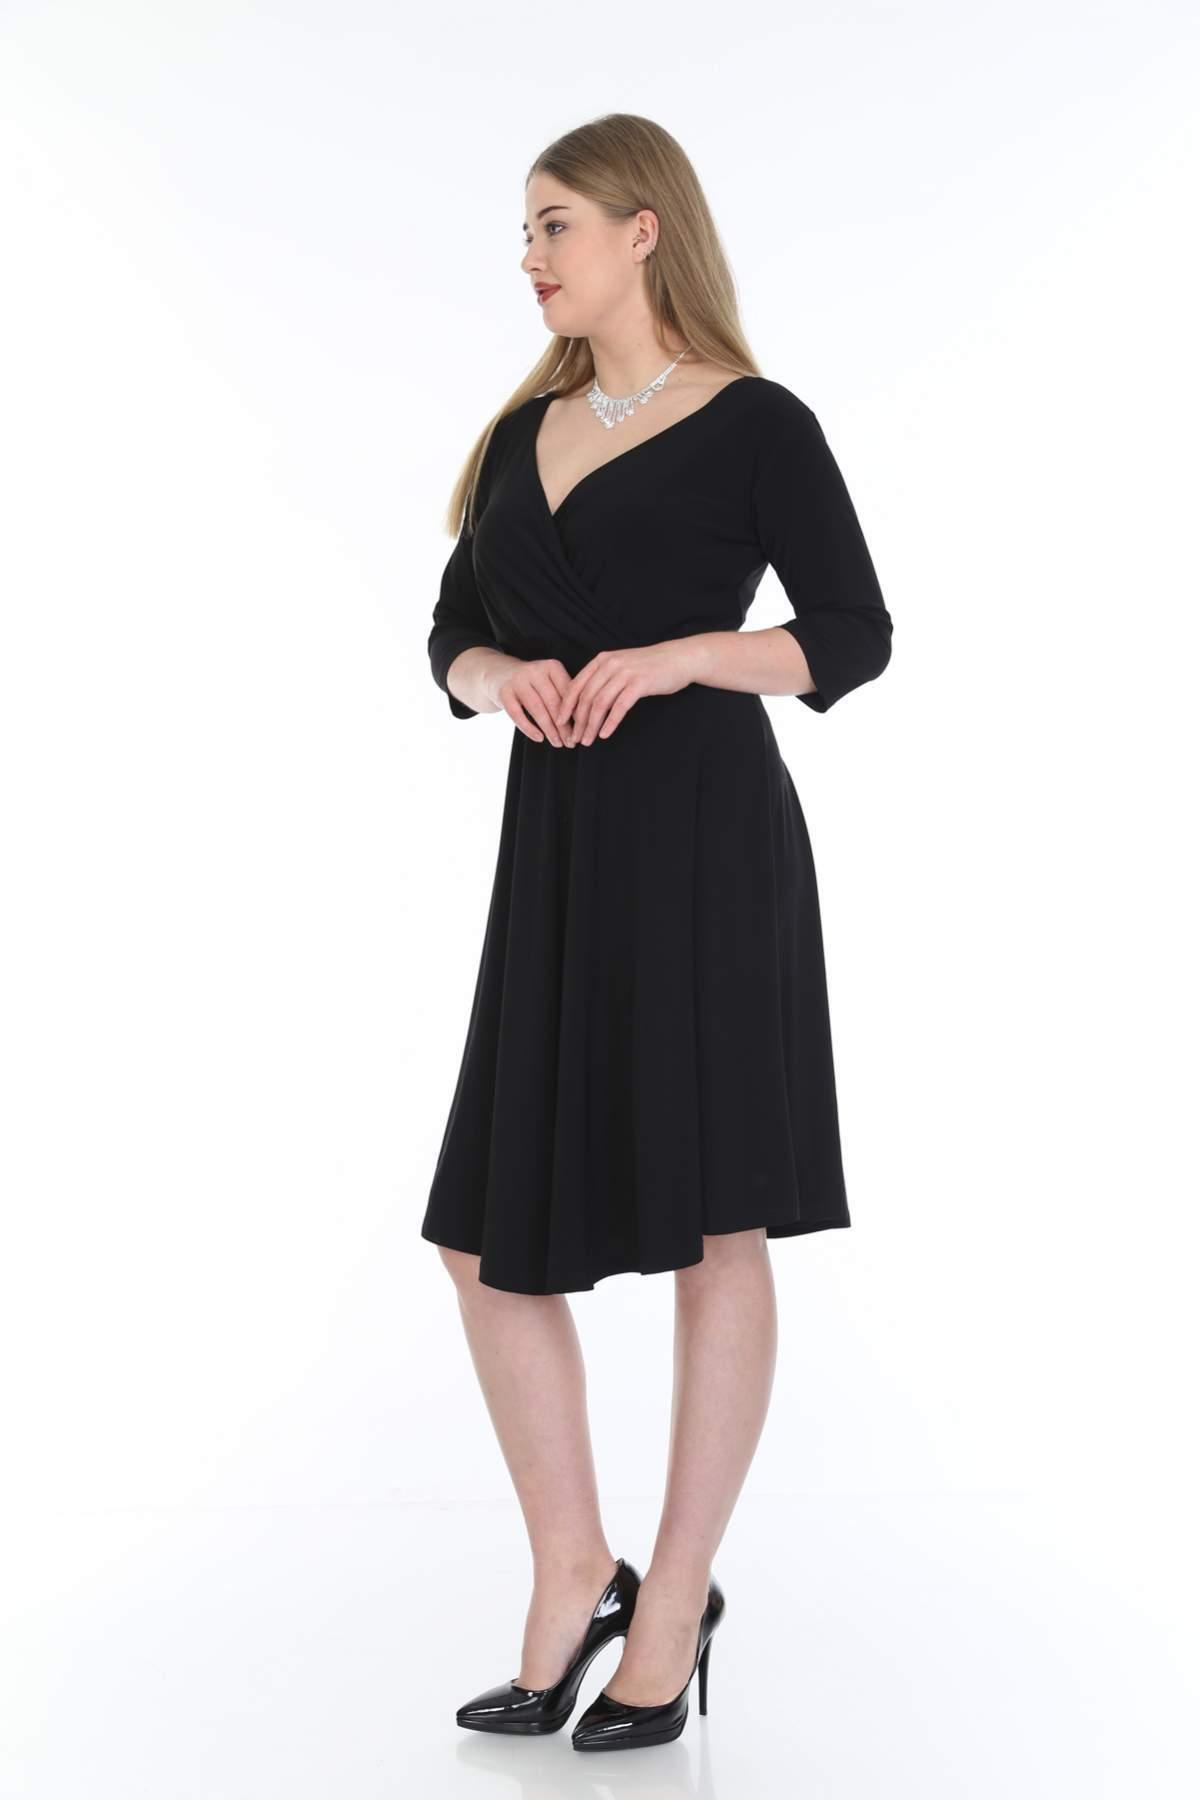 Büyük Beden Kısa Abiye Dantelli Elbise KL8002 Siyah